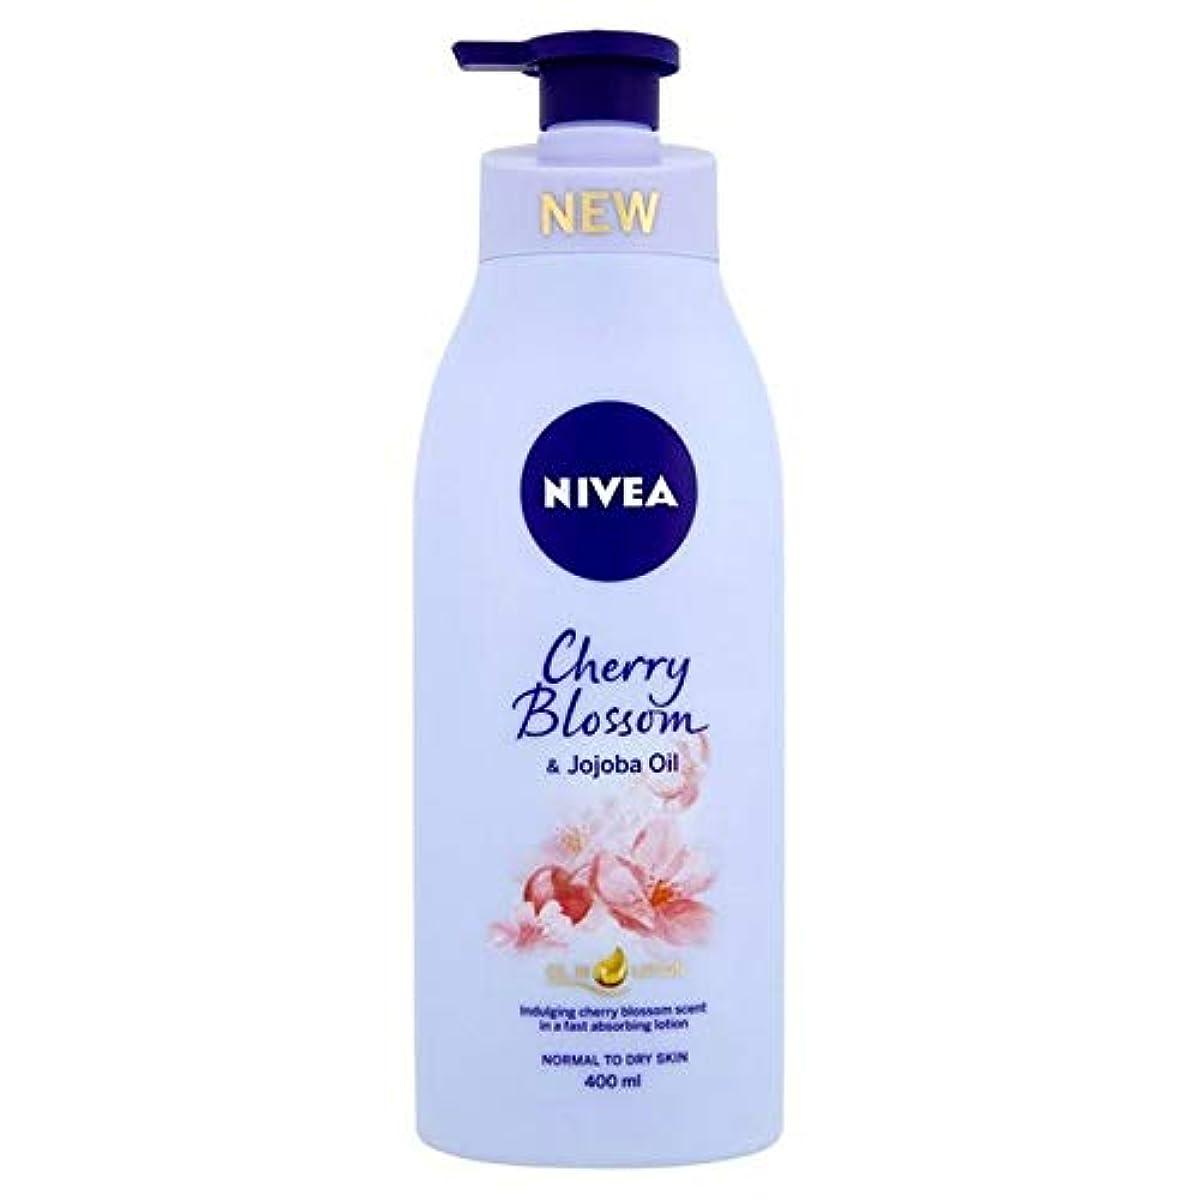 平衡つづり物足りない[Nivea ] ニベア桜&ホホバオイルボディローション400ミリリットル - Nivea Cherry Blossom & Jojoba Oil Body Lotion 400ml [並行輸入品]